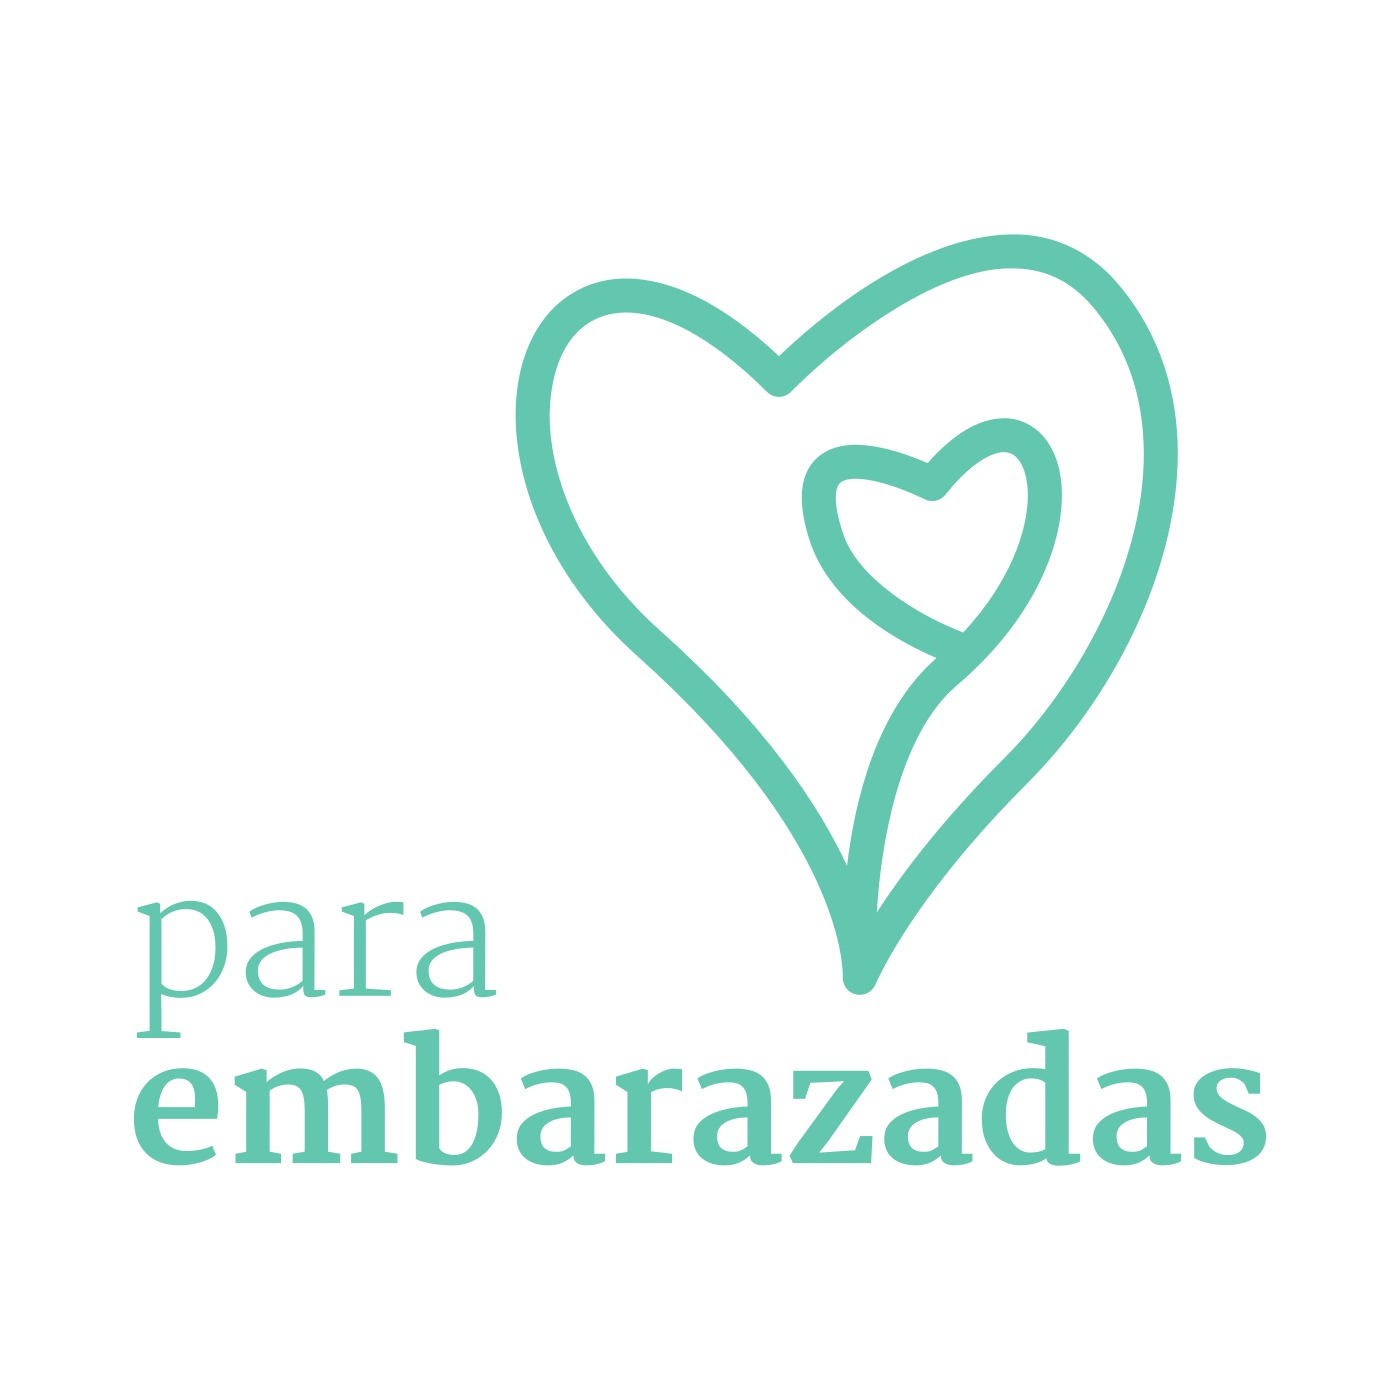 Podcast - paraEmbarazadas